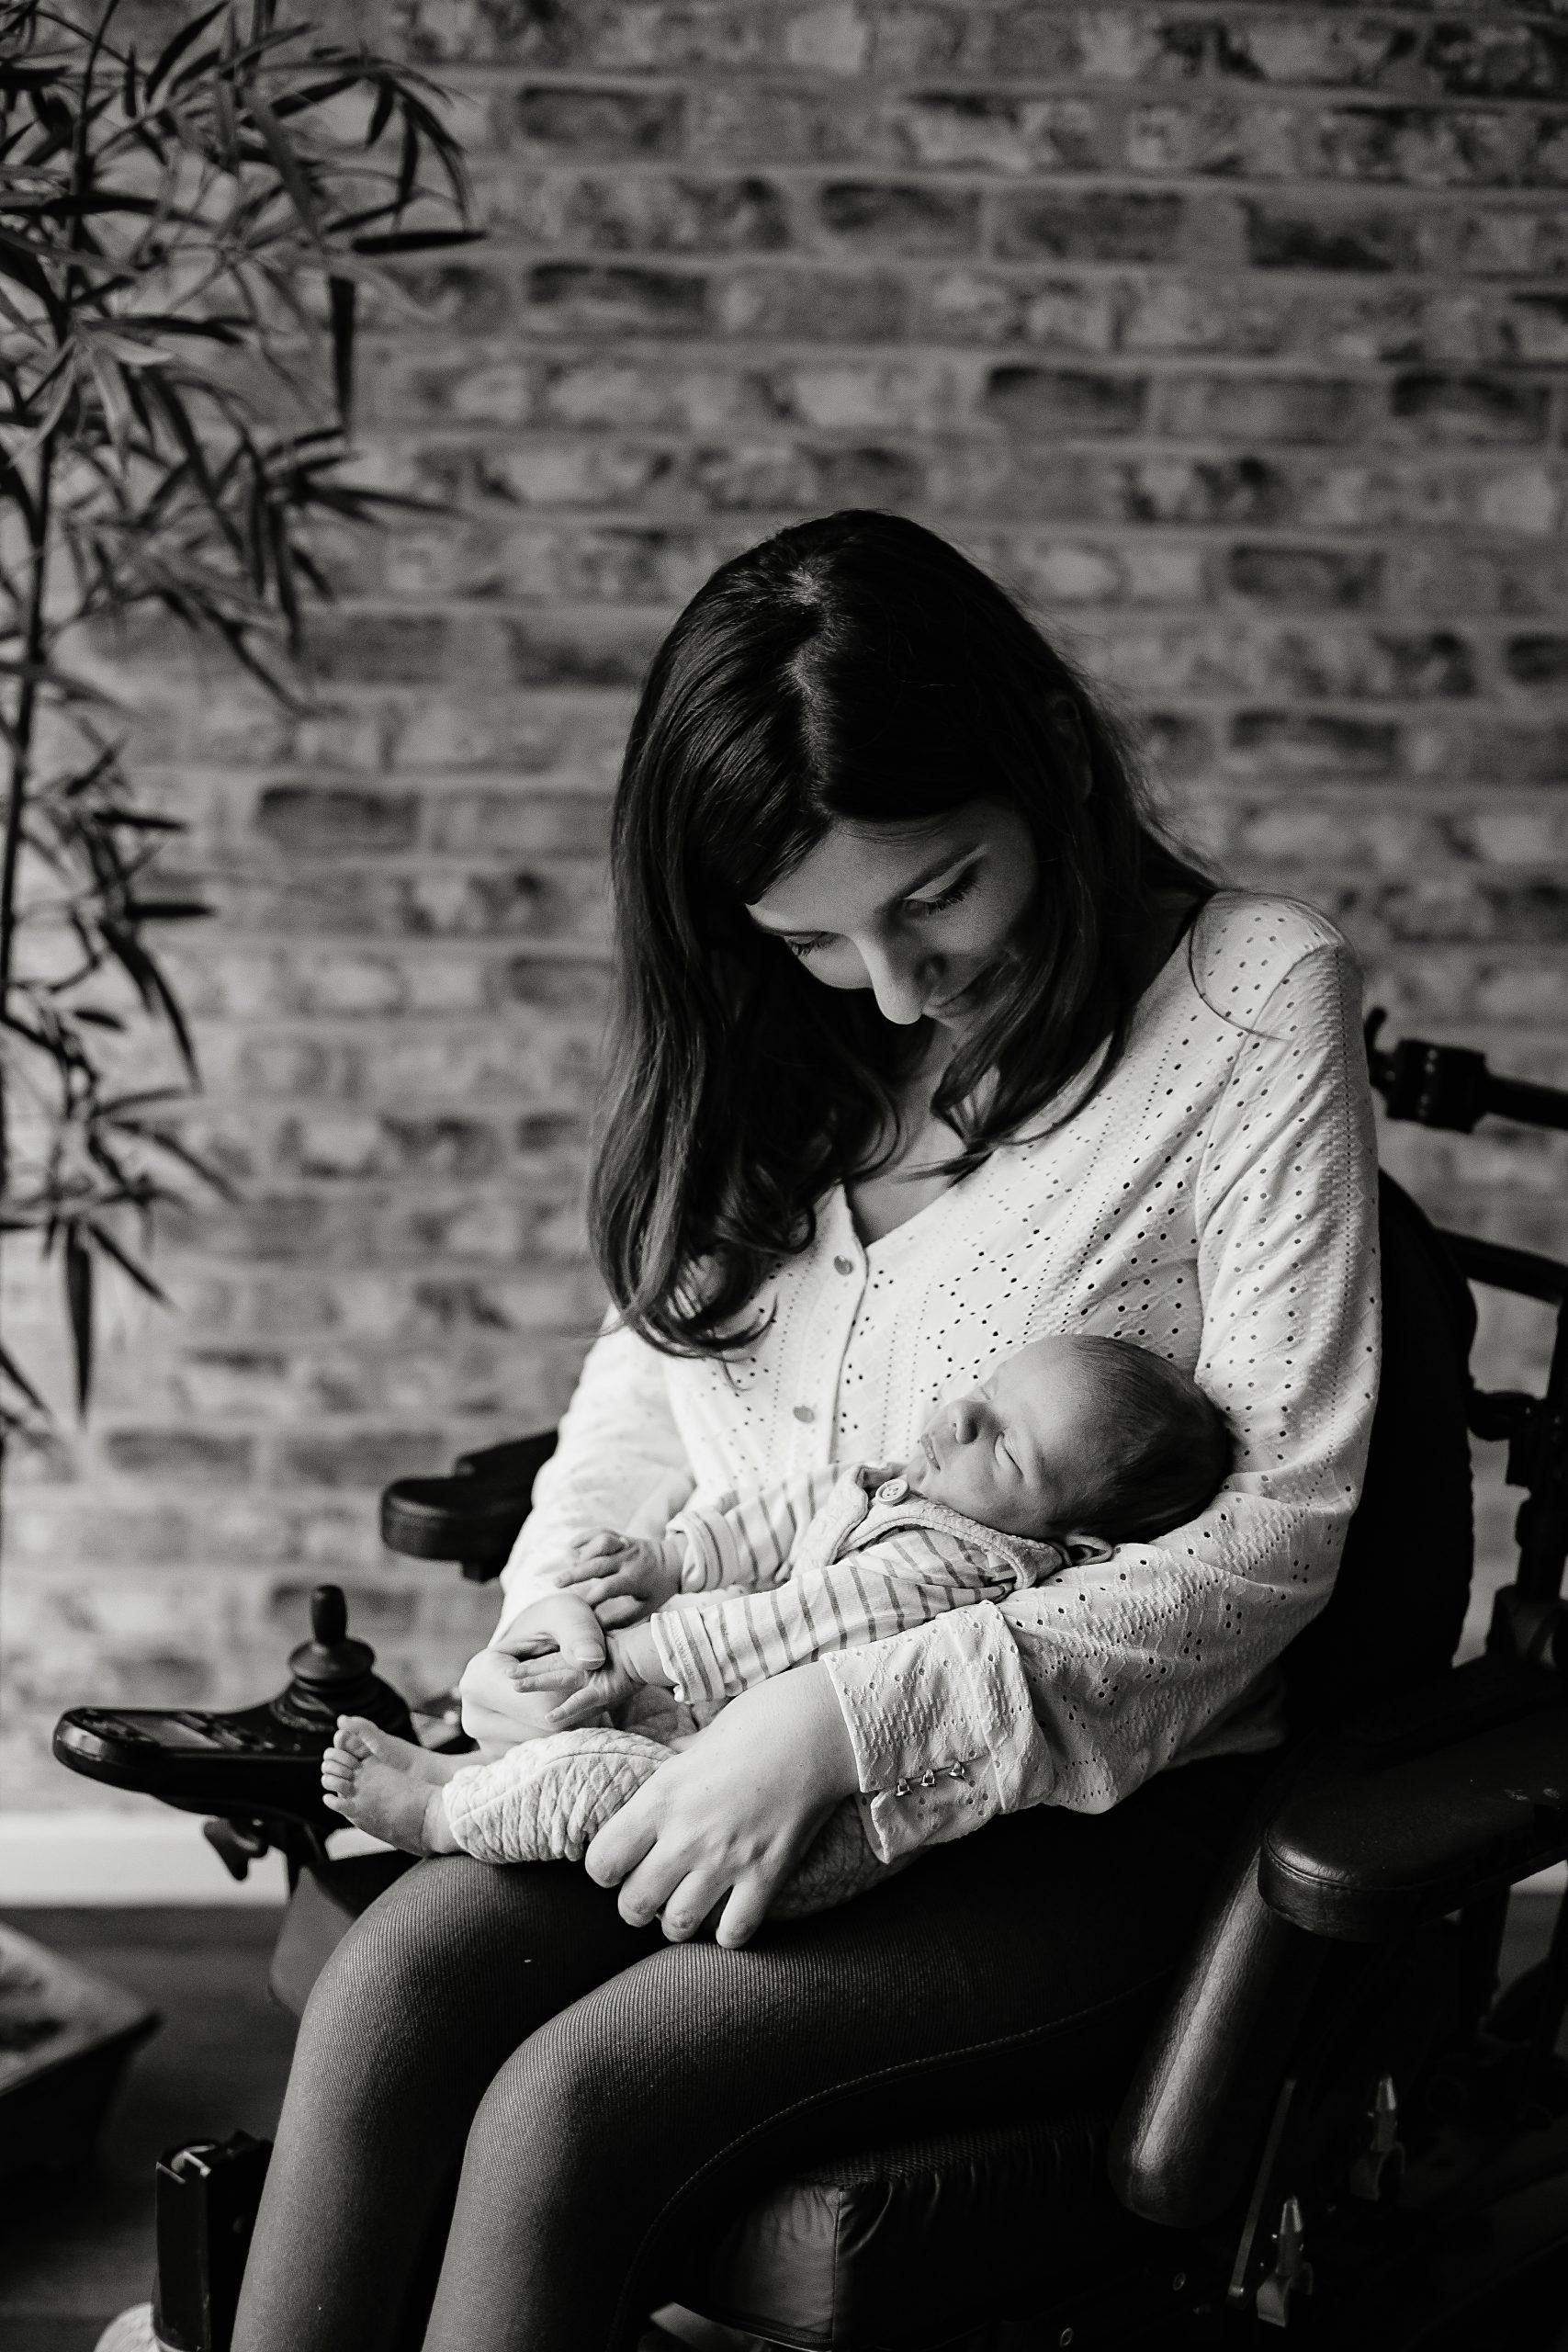 Virginie M. Photos-séance à domicile-bébé-naissance-lifestyle-amour-famille-photographe Lille-Nord-Lille-photos-nouveau né (10)